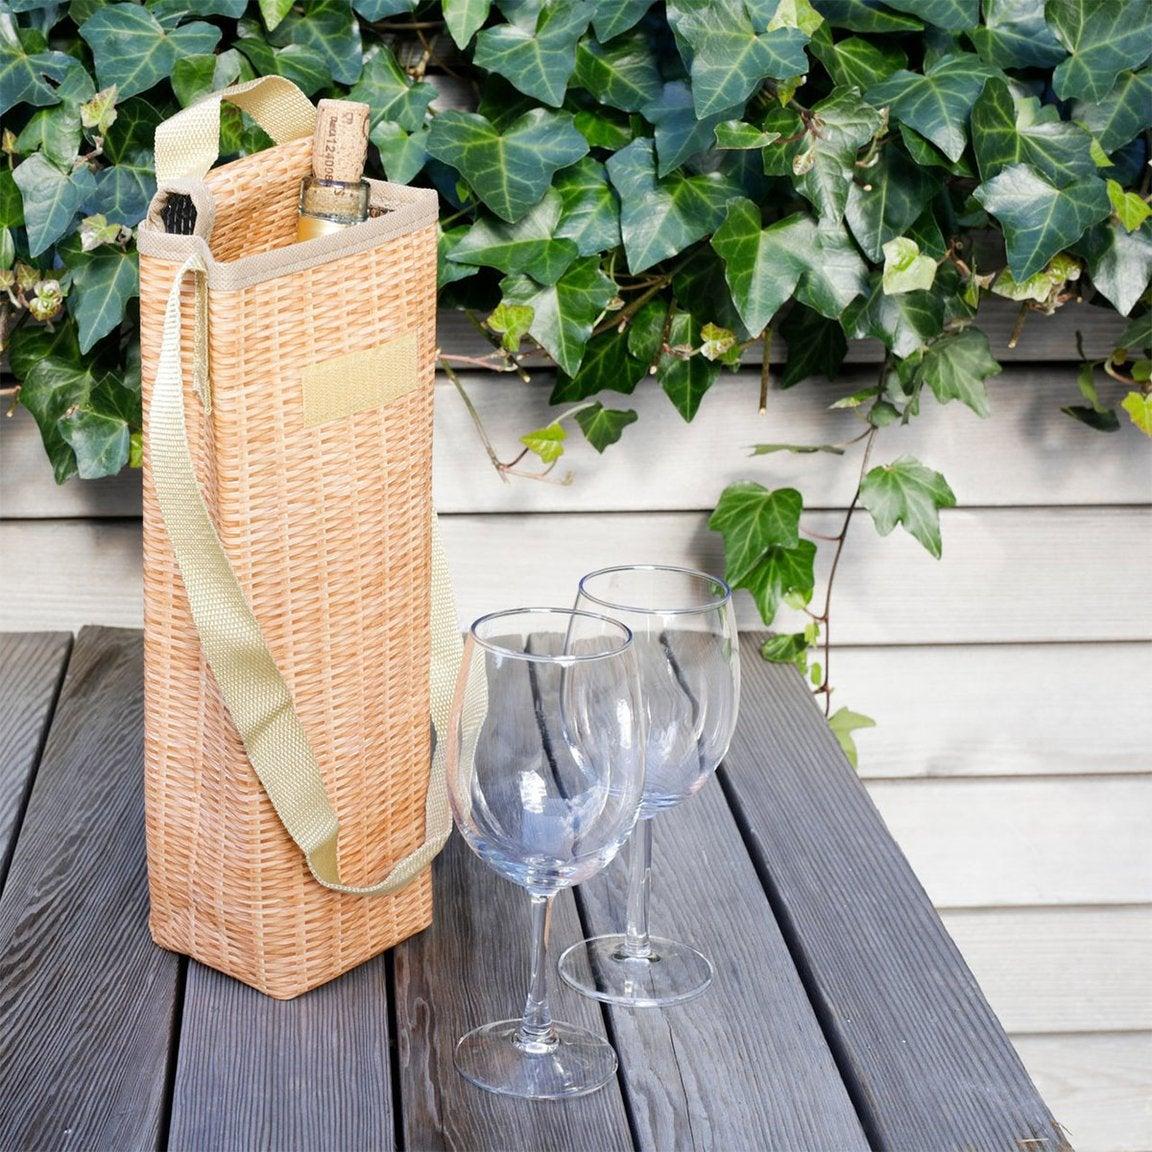 wicker wine cooler with a bottle inside